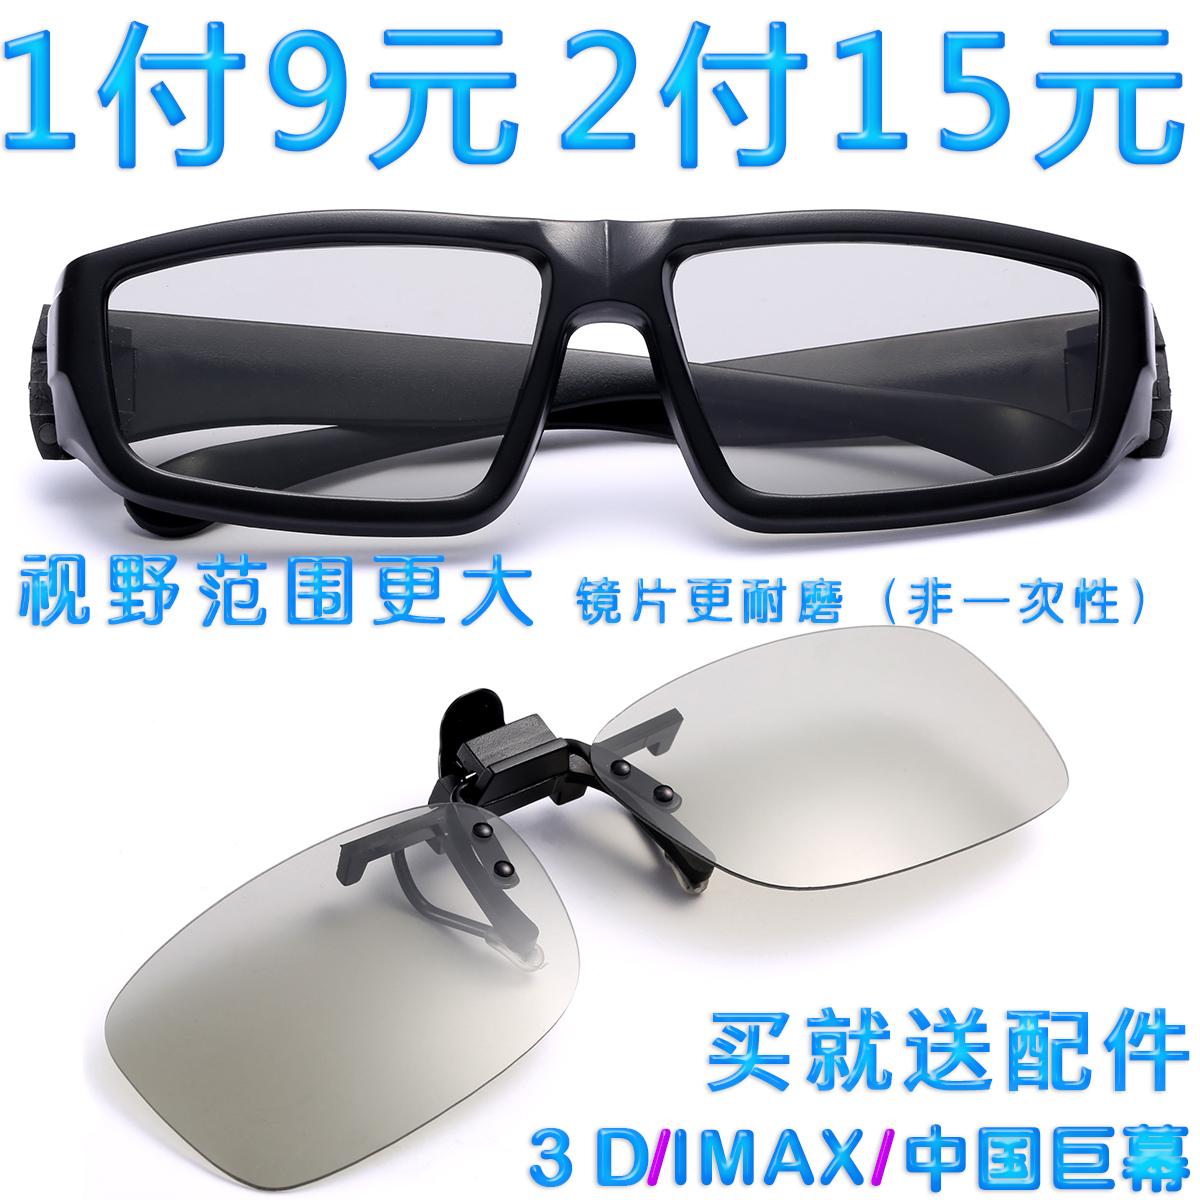 Круглый поляризующий смотреть 3d очки фильм больница специальный imax трехмерный ребенок глаз общий близорукость клип семья телевидение